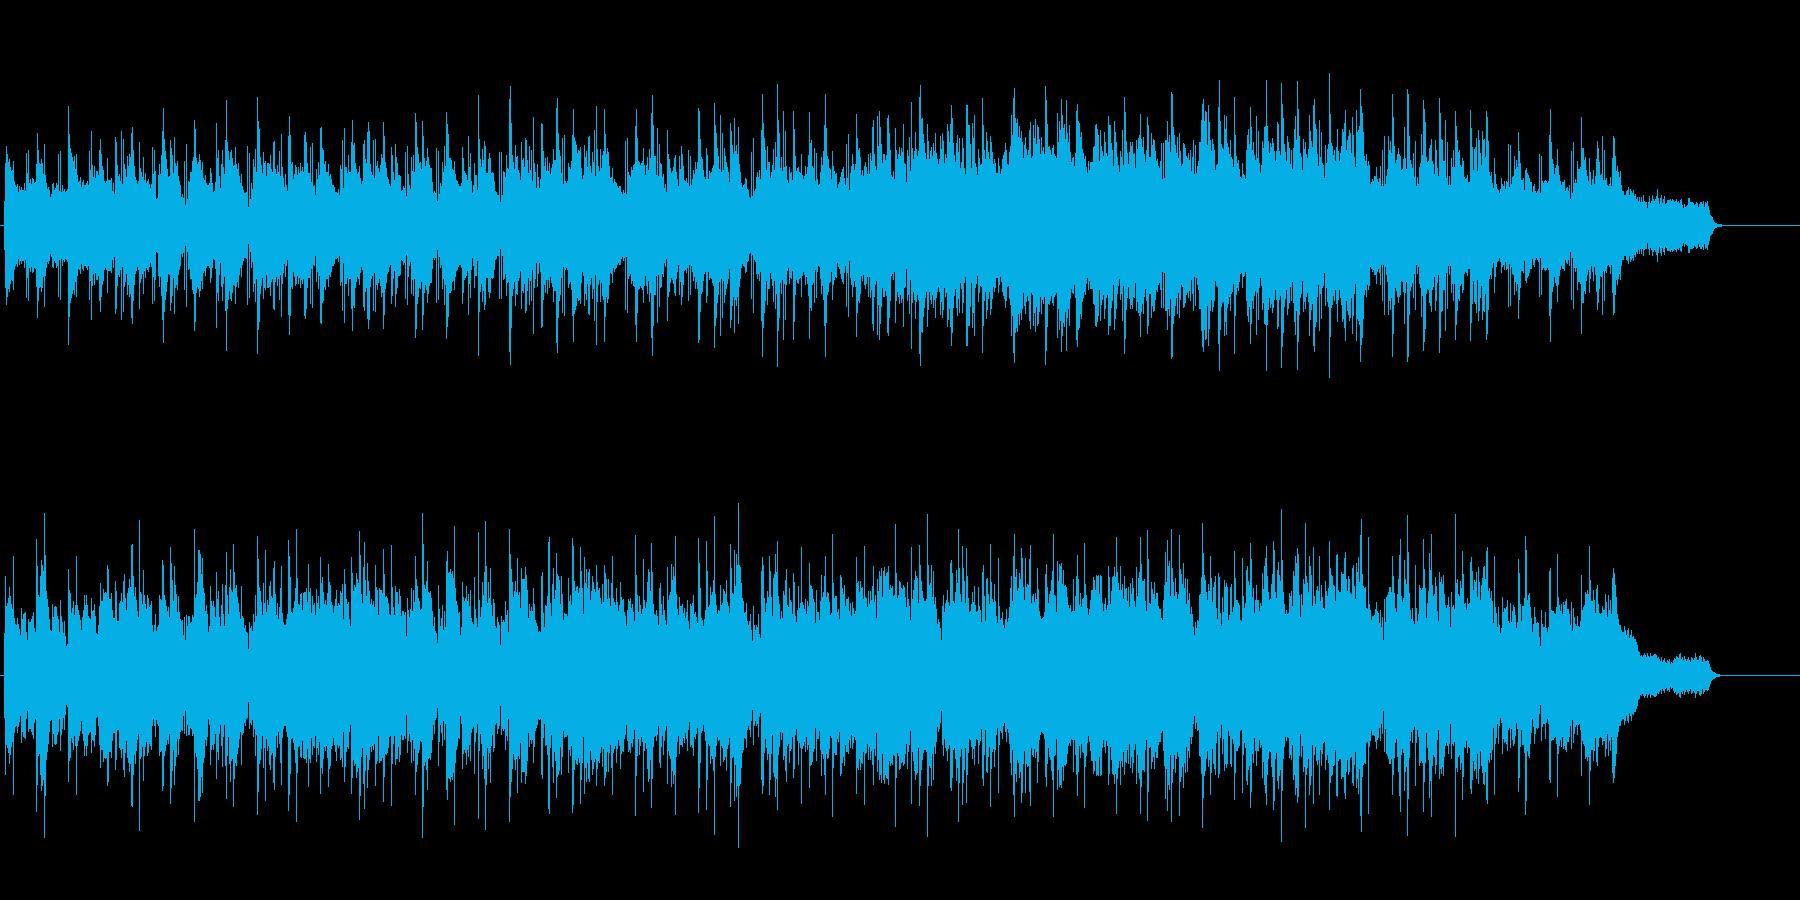 つのる想いを表現するバラードの再生済みの波形